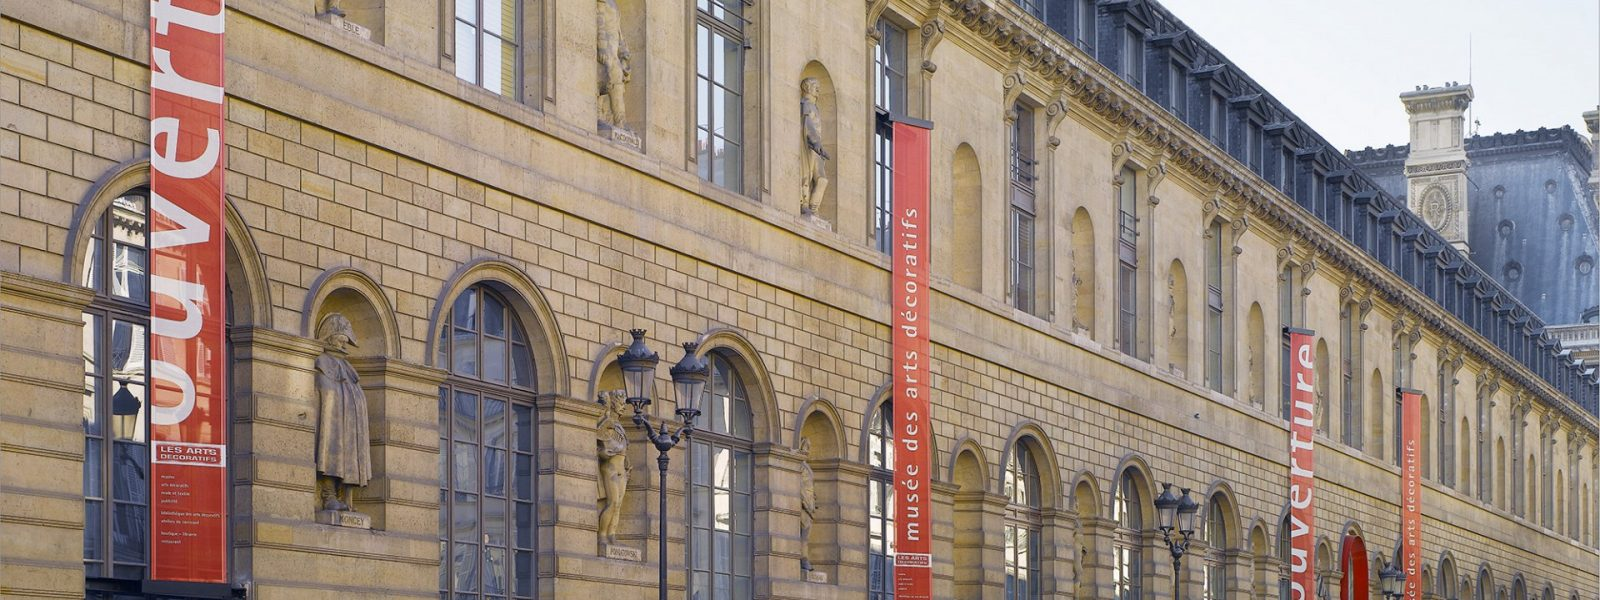 巴黎裝飾藝術博物館Musée des Arts Décoratifs